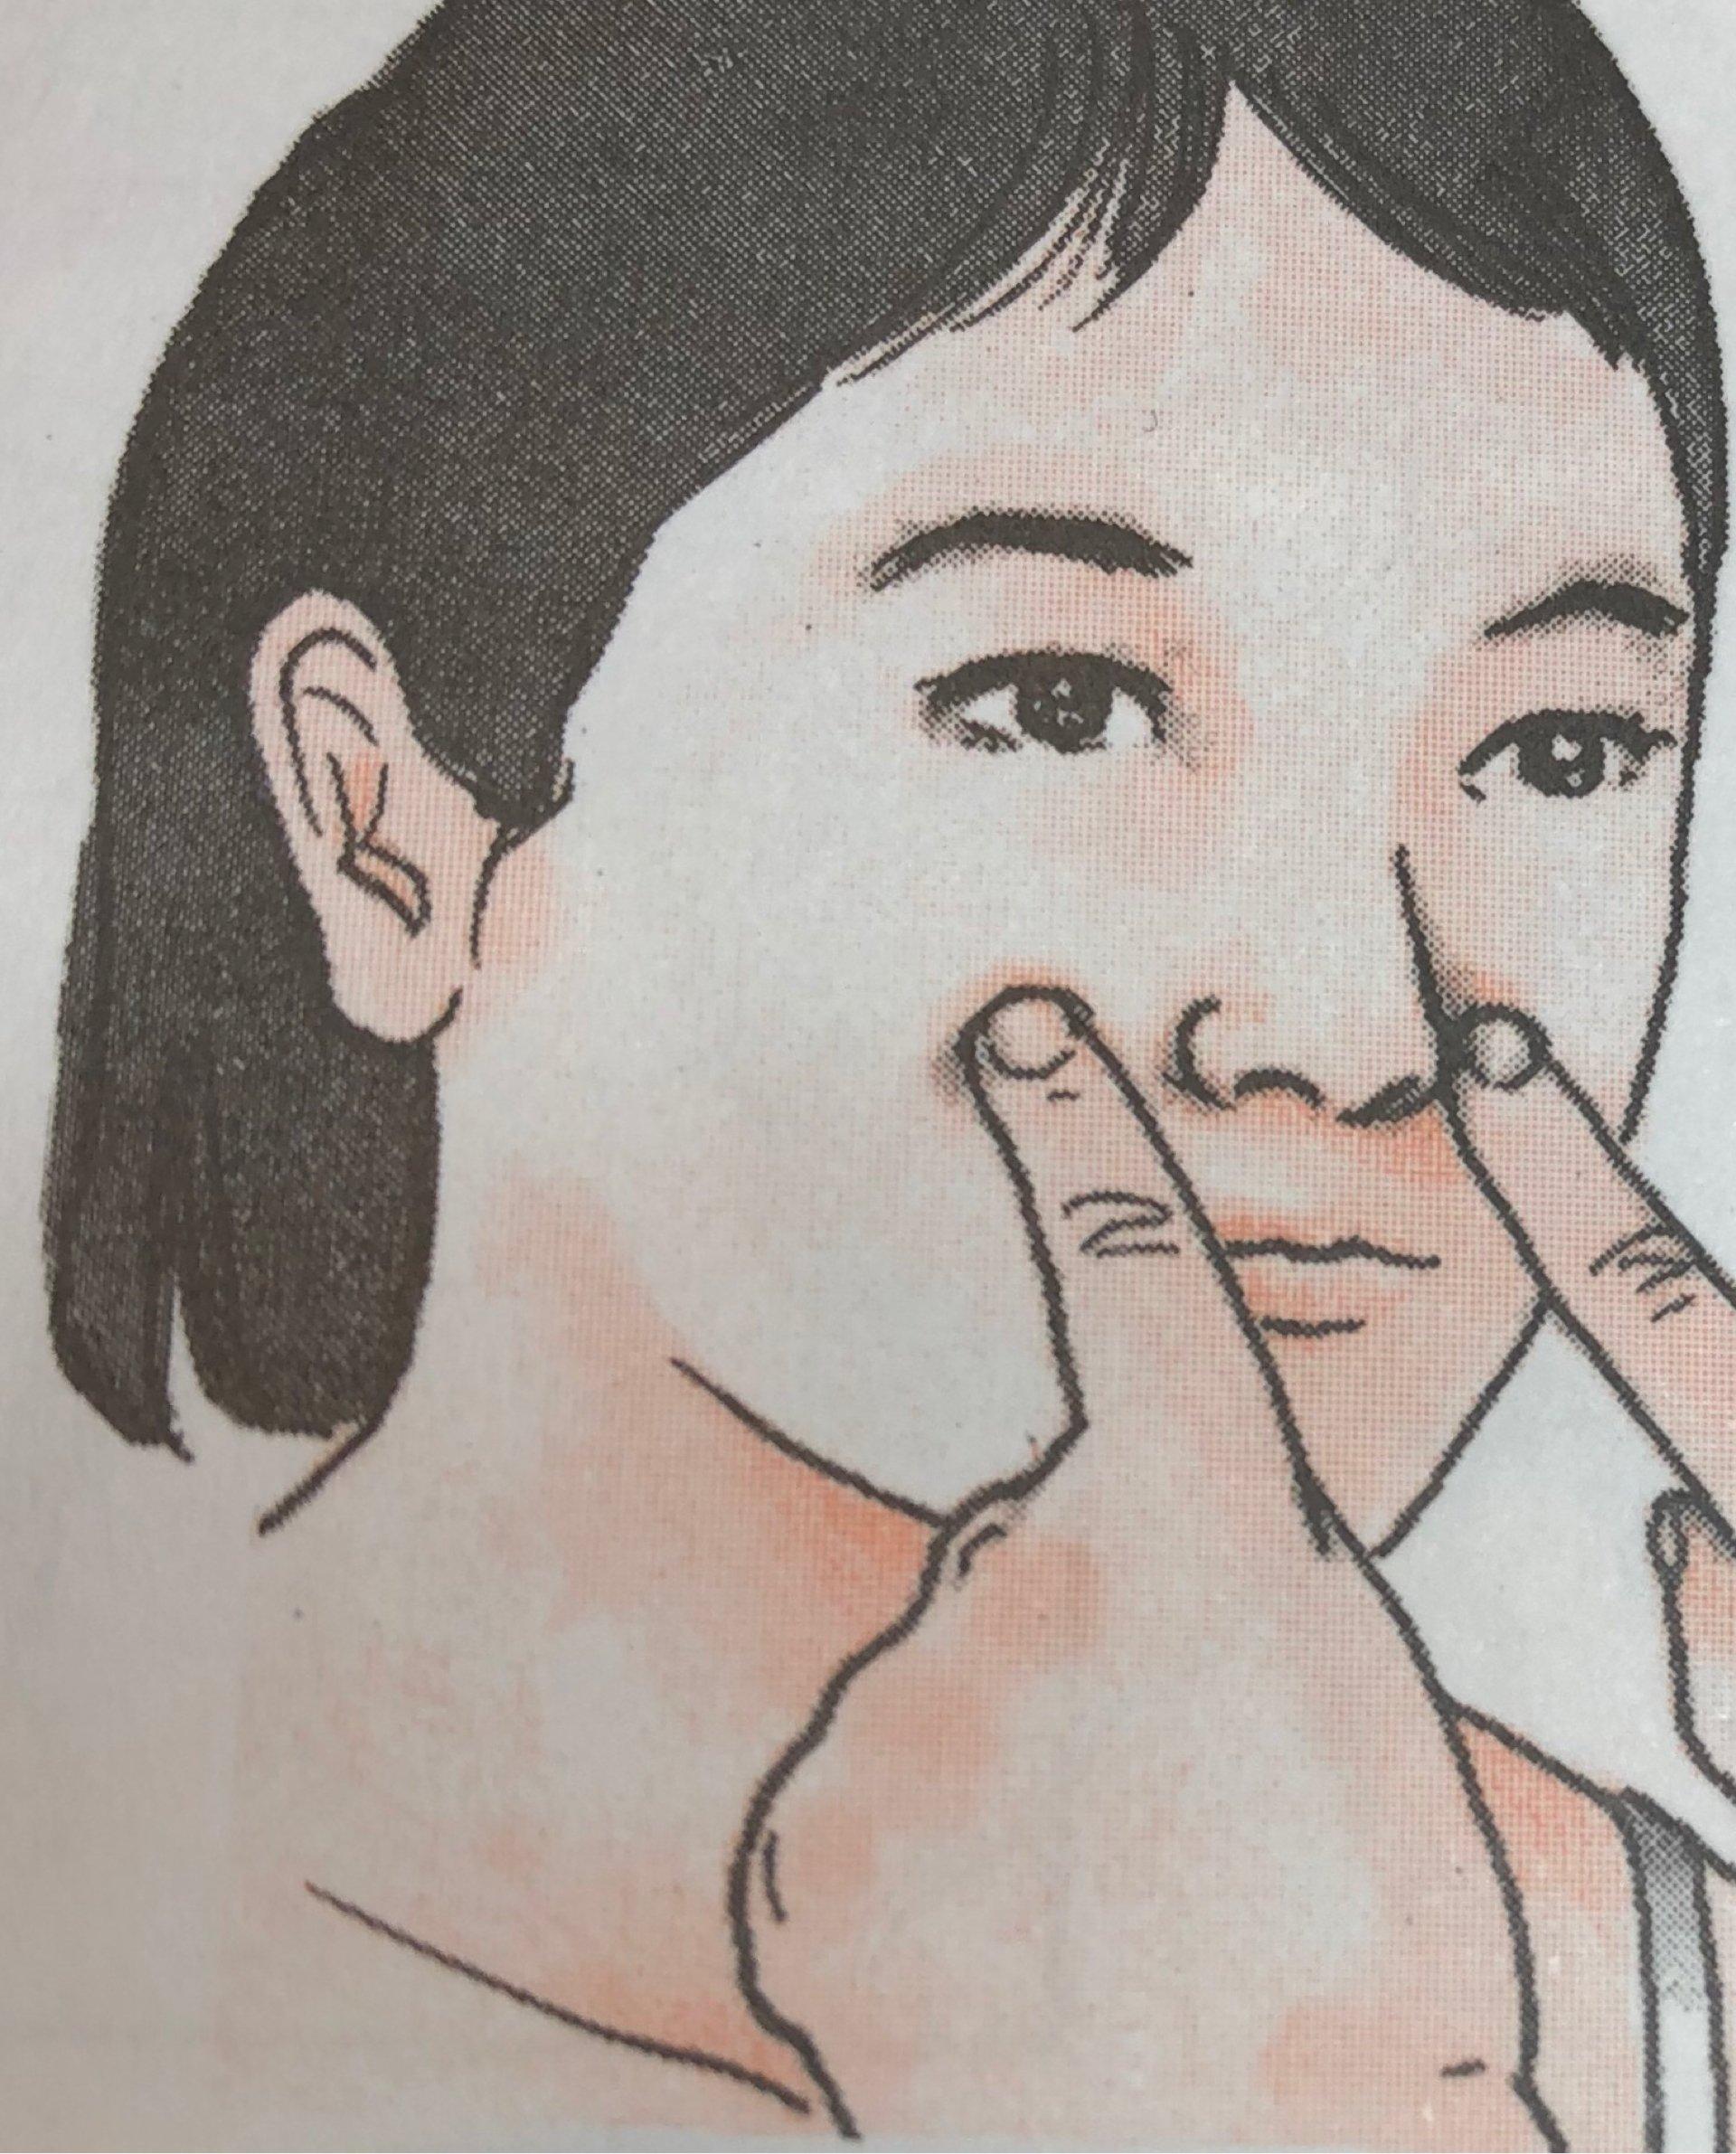 ツボ 出す 蓄膿症 を 膿